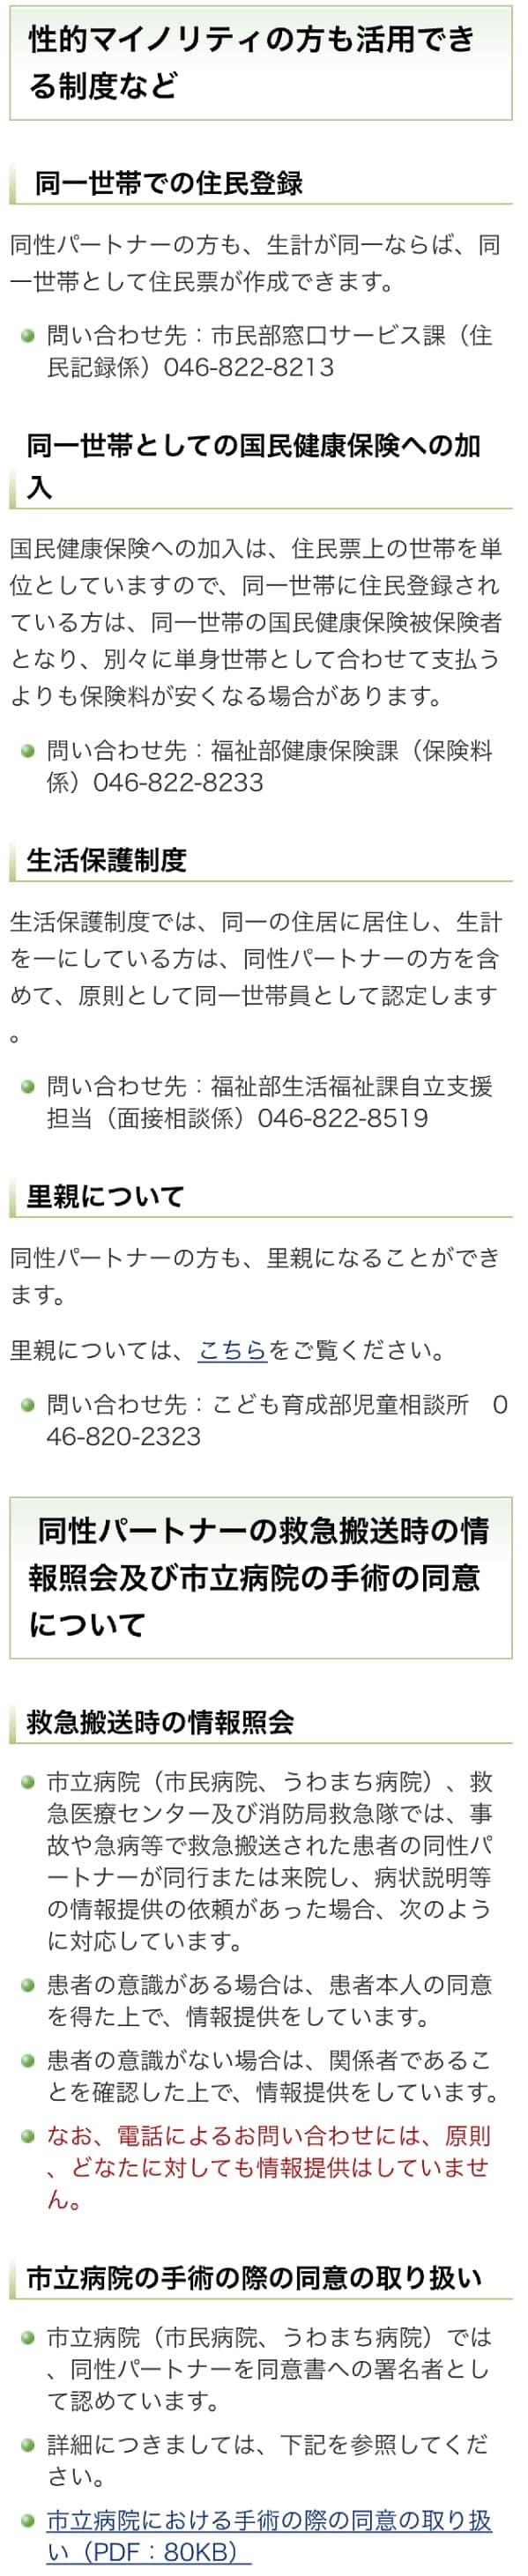 同性カップル等パートナーが現在も利用できる制度を横須賀市ホームページに掲載しました